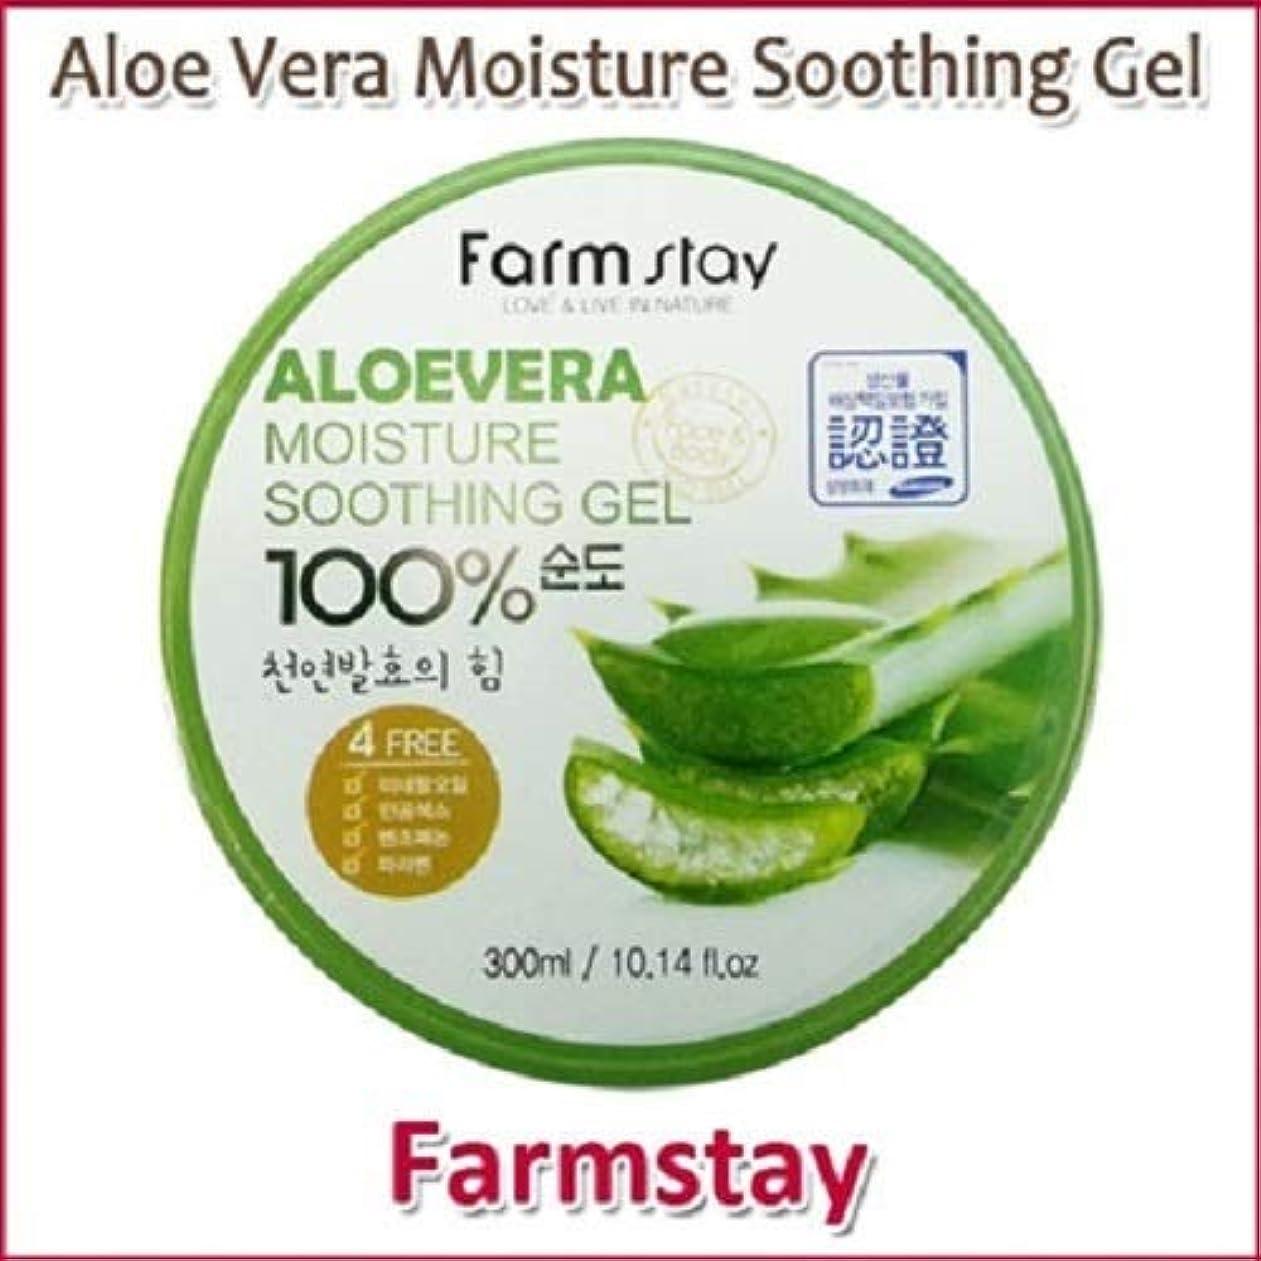 放散する争う影響するFarm Stay Aloe Vera Moisture Soothing Gel 300ml /オーガニック アロエベラゲル 100%/保湿ケア/韓国コスメ/Aloe Vera 100% /Moisturizing [...